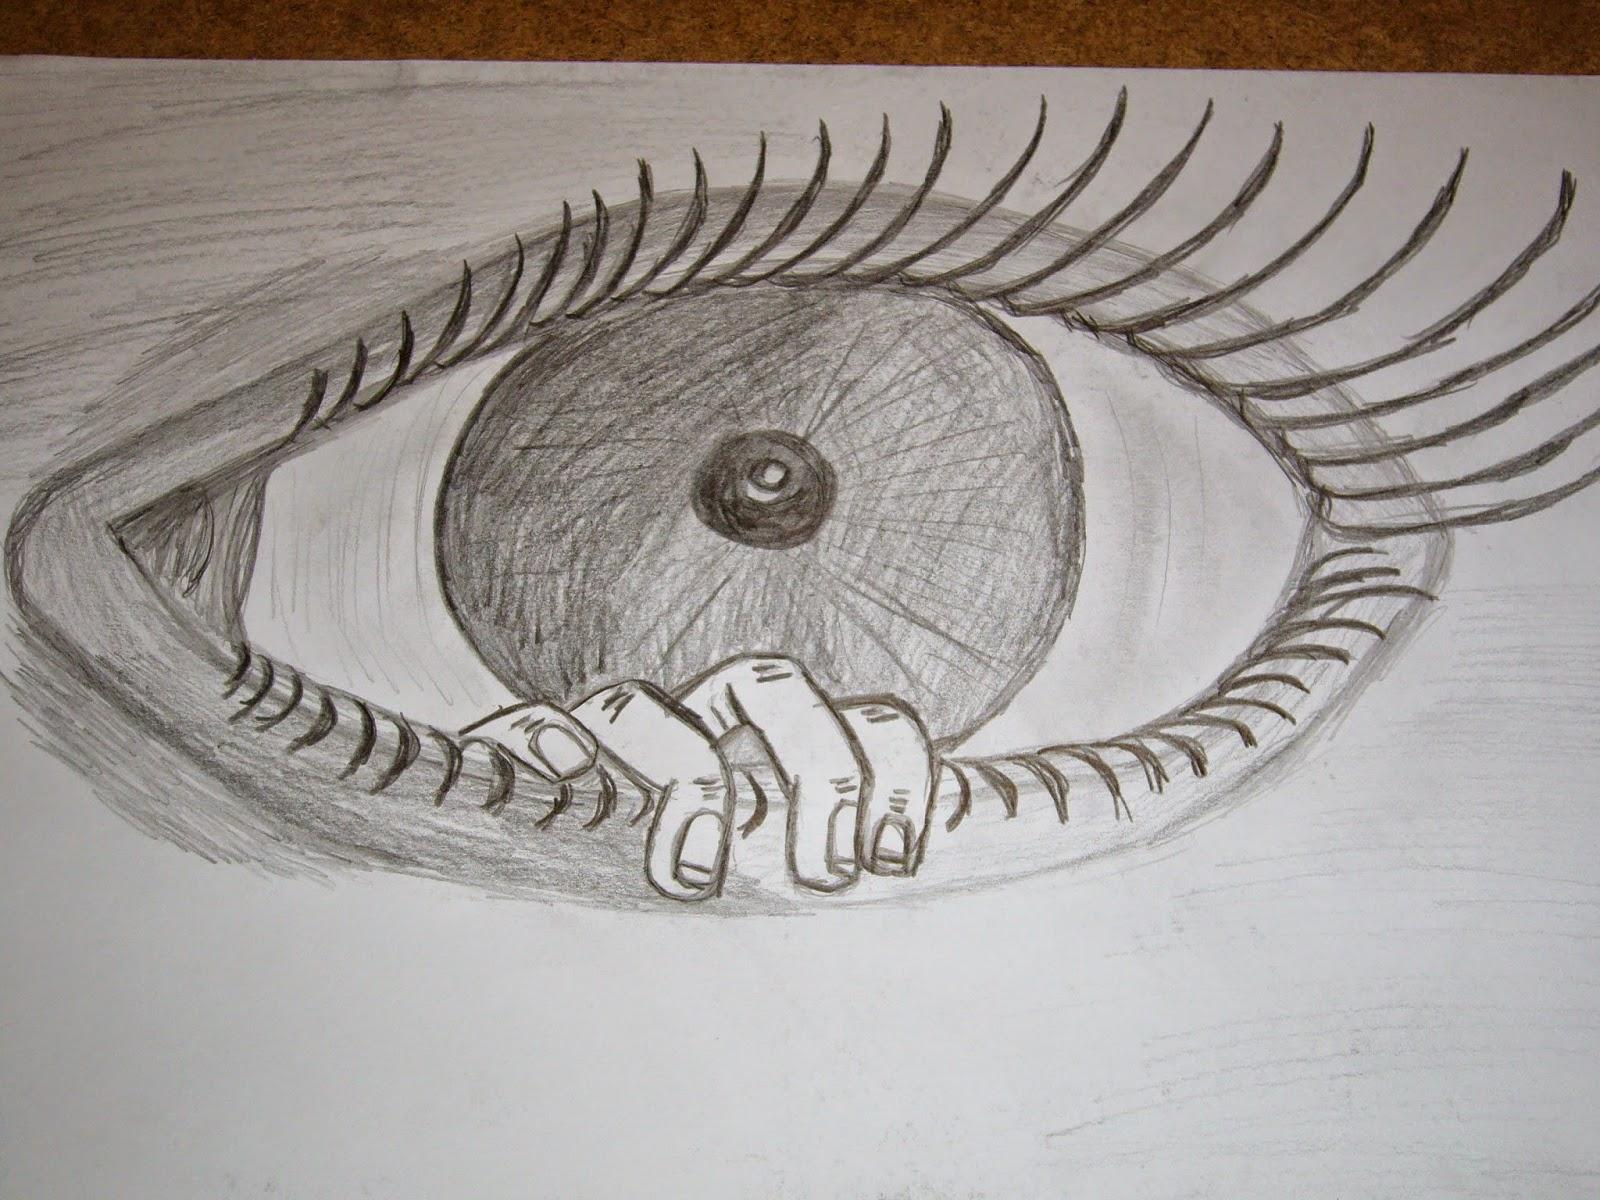 Pod Mysimi Kridly Kreslena